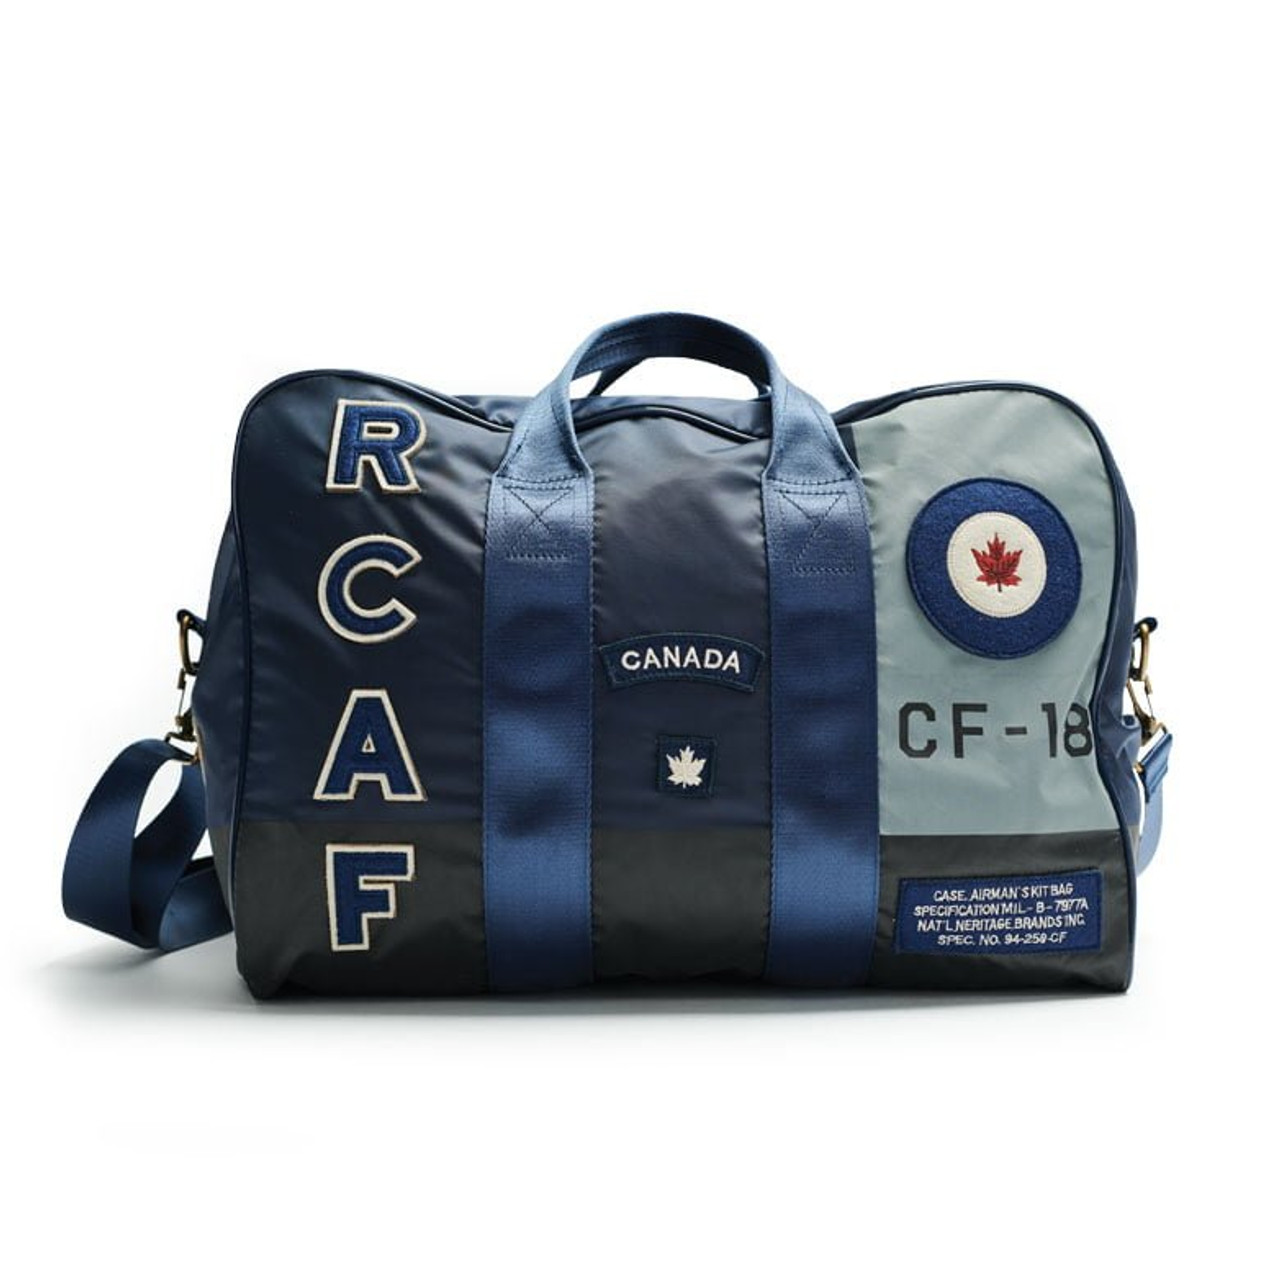 RCAF Kit Bag